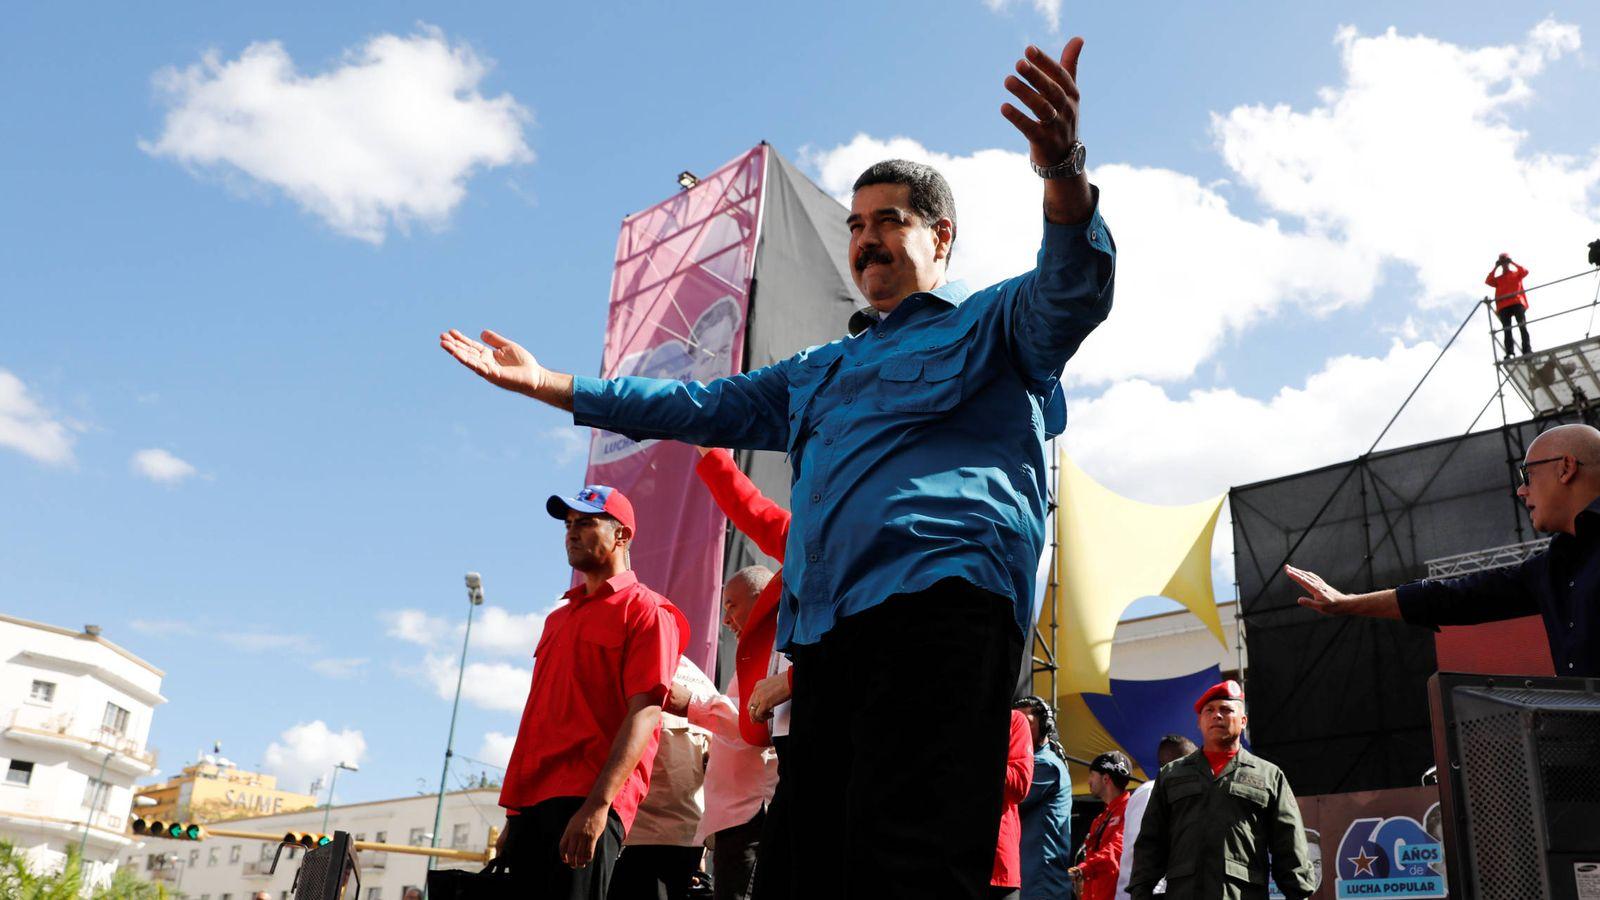 Foto: El presidente de Venezuela, Nicolás Maduro, saluda a su llegada a una ceremonia en Caracas. (Reuters)